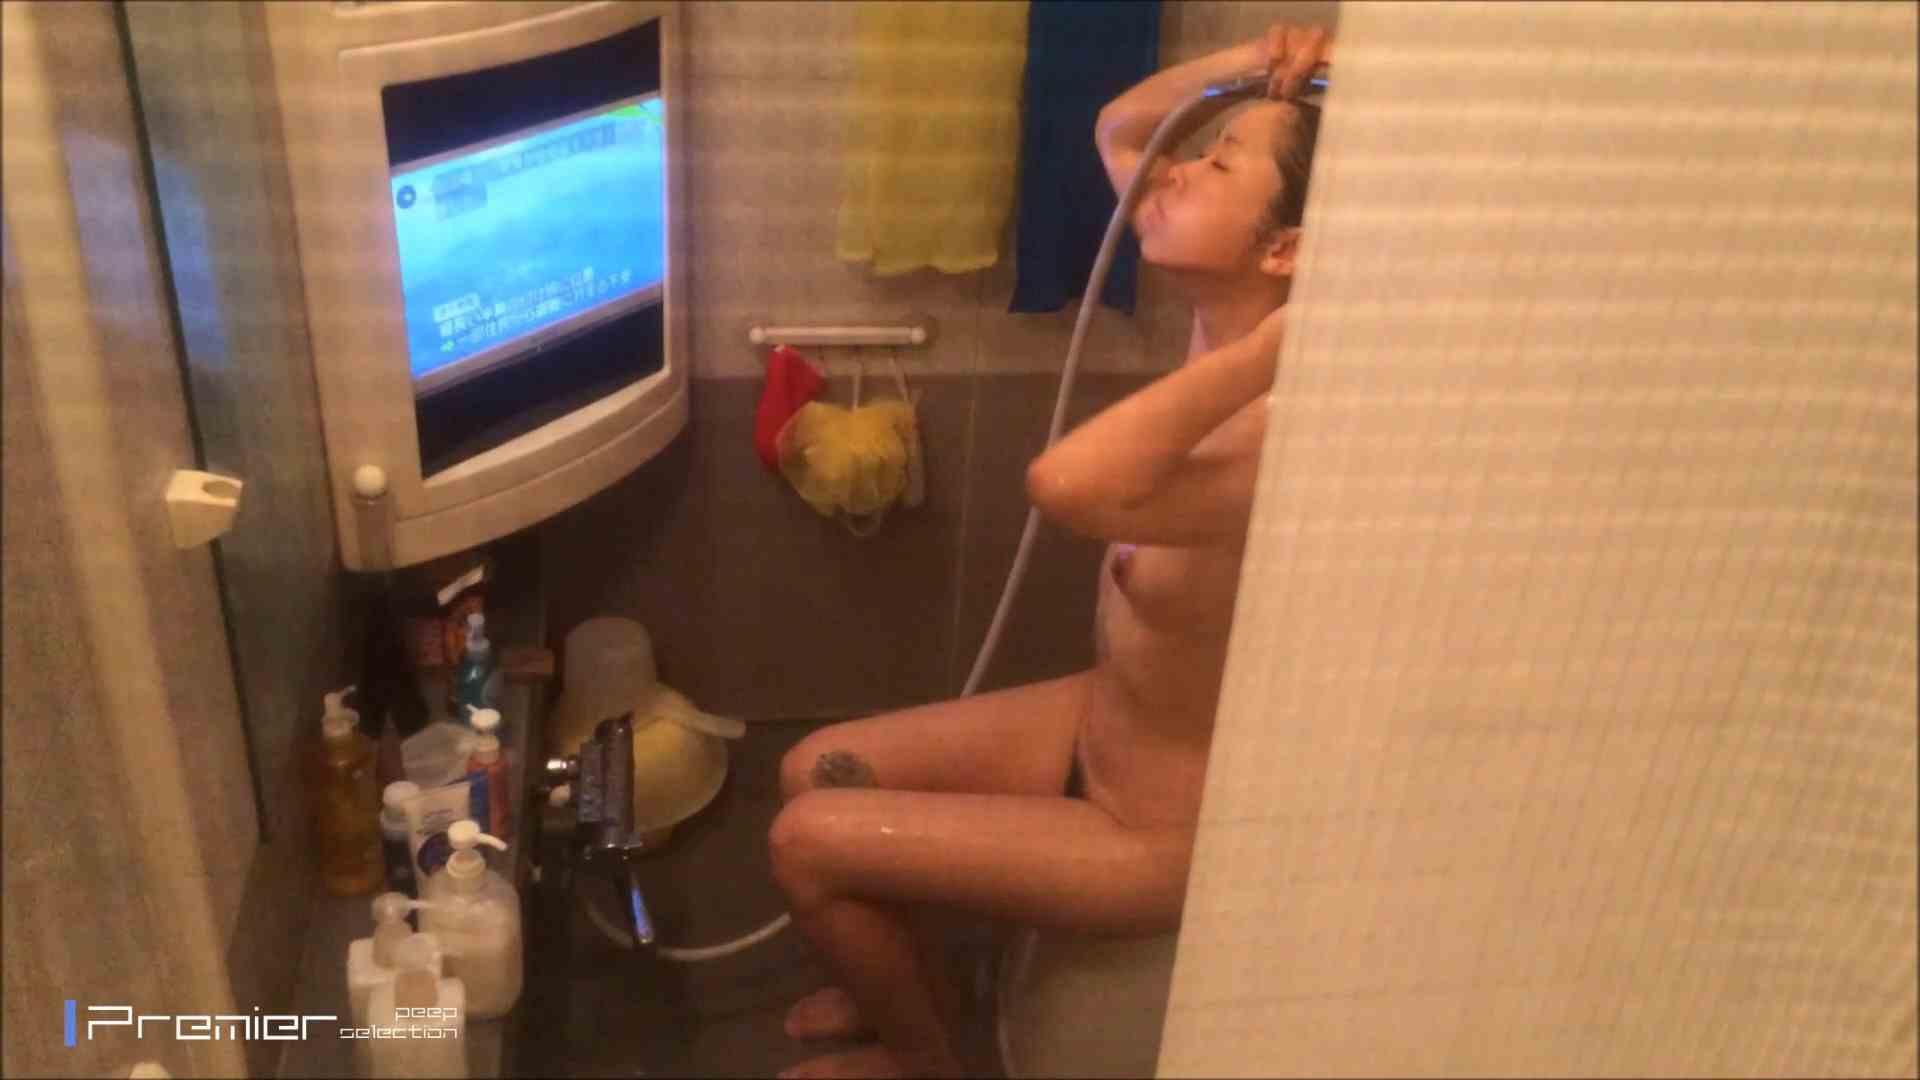 美女のテレビを見ながらの入浴 乙女の風呂場 Vol.21 盗撮で悶絶 オマンコ無修正動画無料 111画像 52